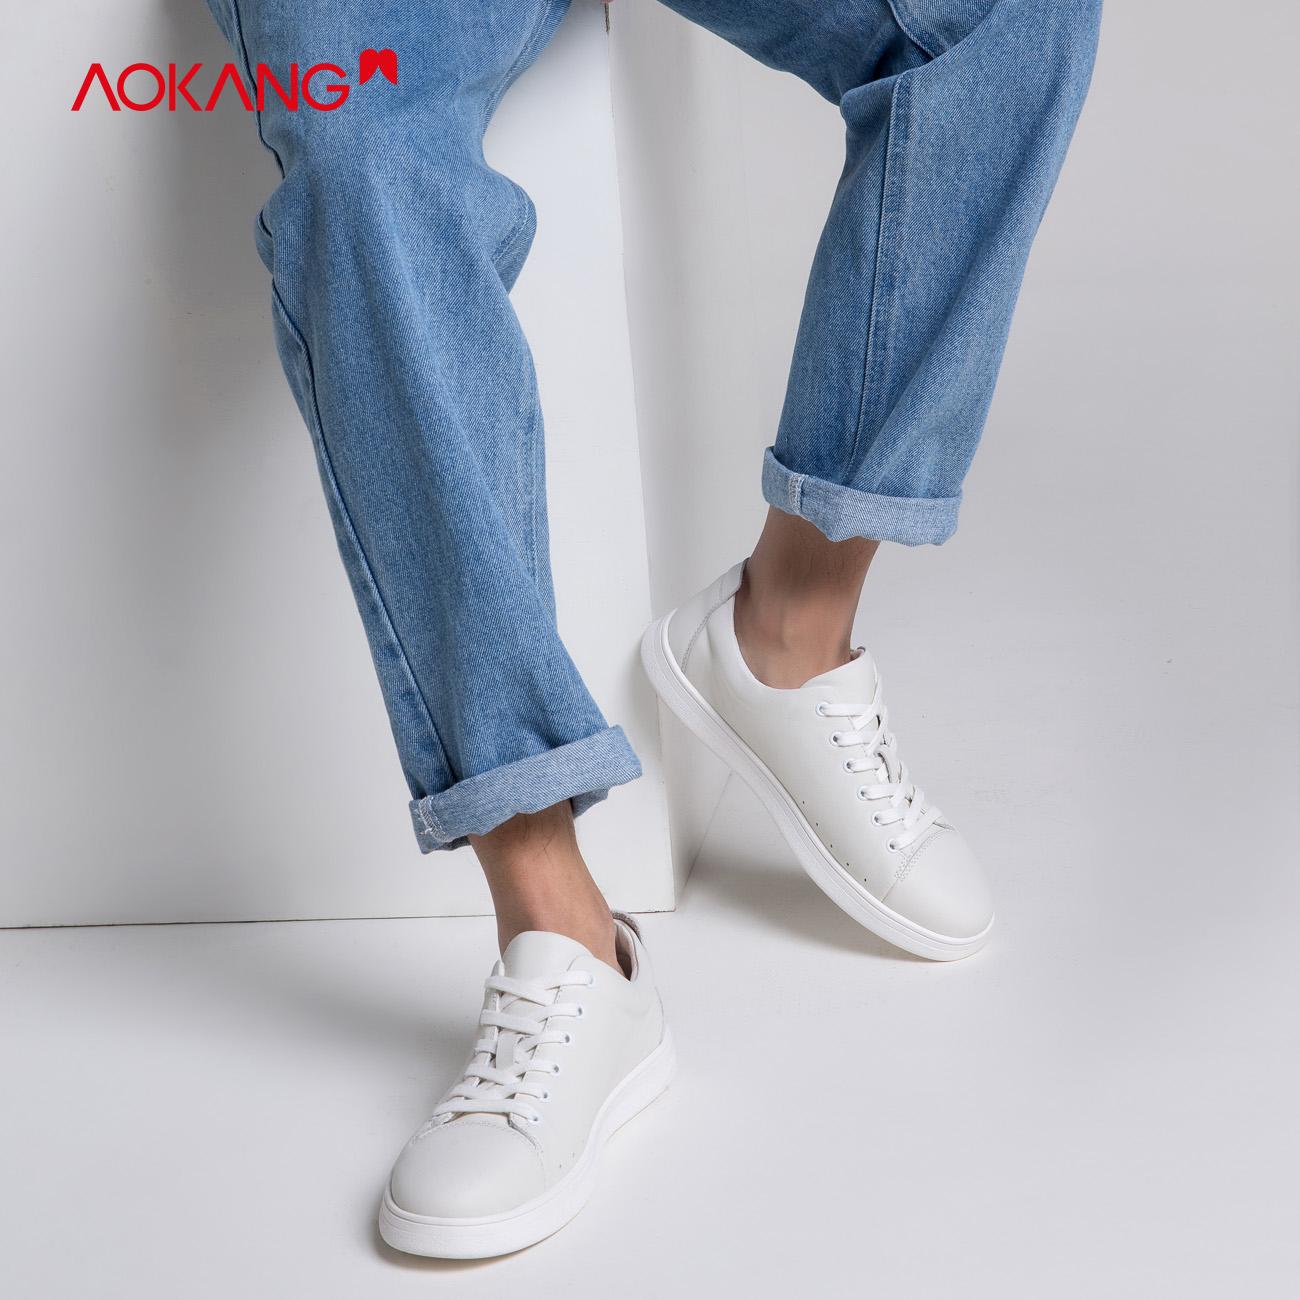 奥康男鞋 2020春季 新款板鞋牛皮革皮面小白鞋舒适休闲鞋子男潮鞋